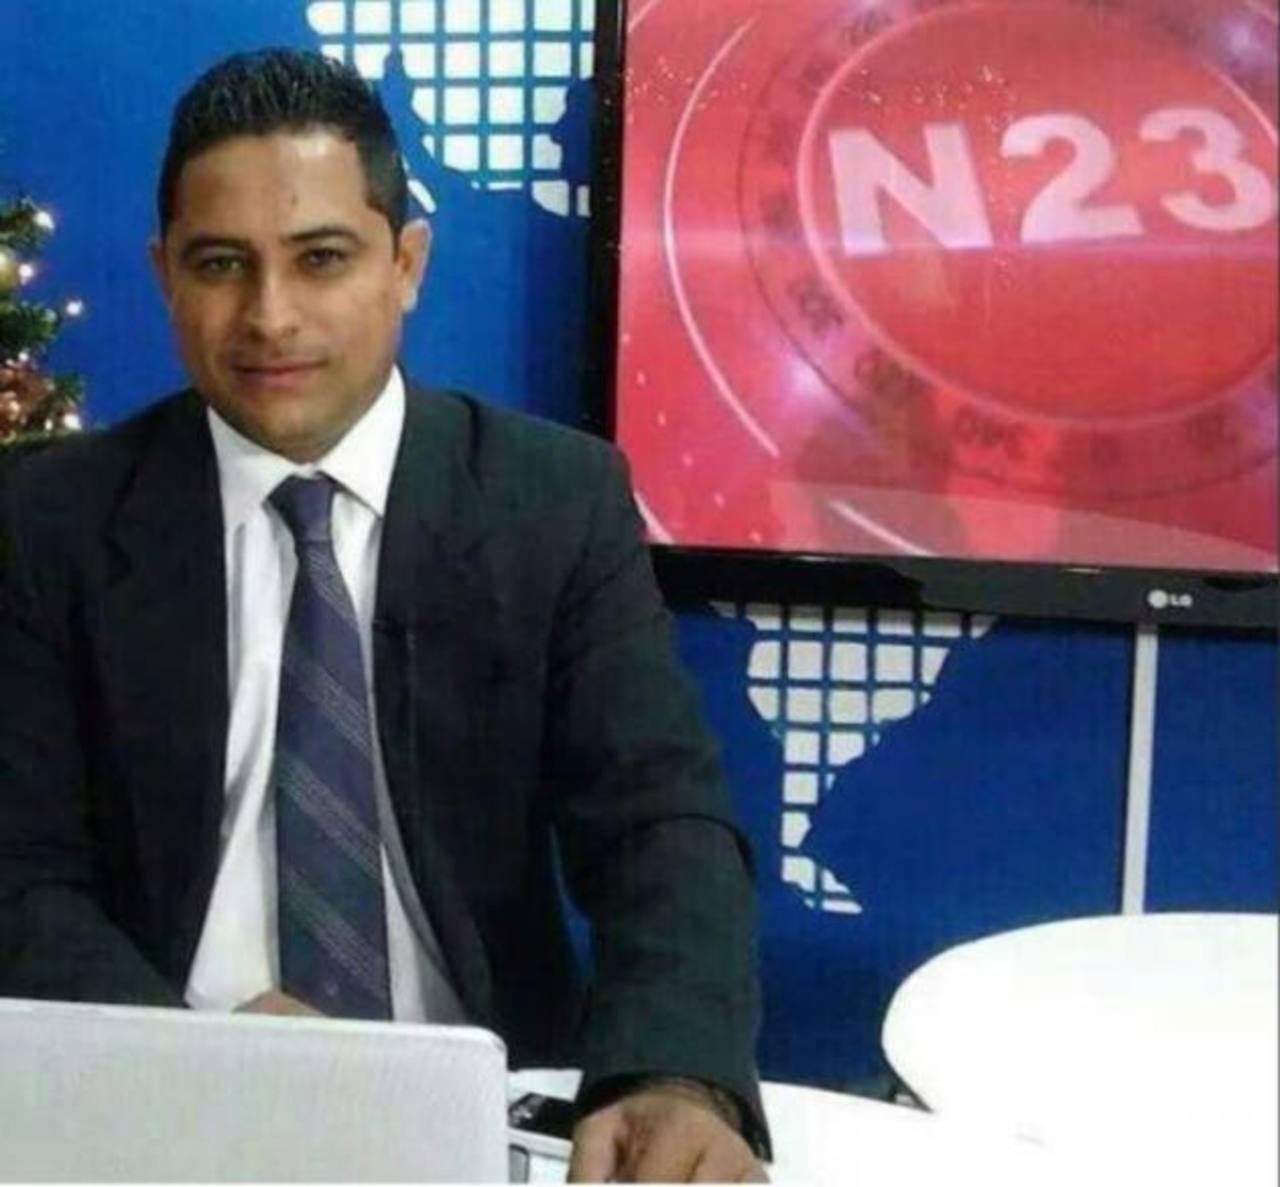 El periodista hondureño, Nery Soto, dirigía un programa de un canal local en el departamento de Yoro. edh / Tomada de El heraldo.